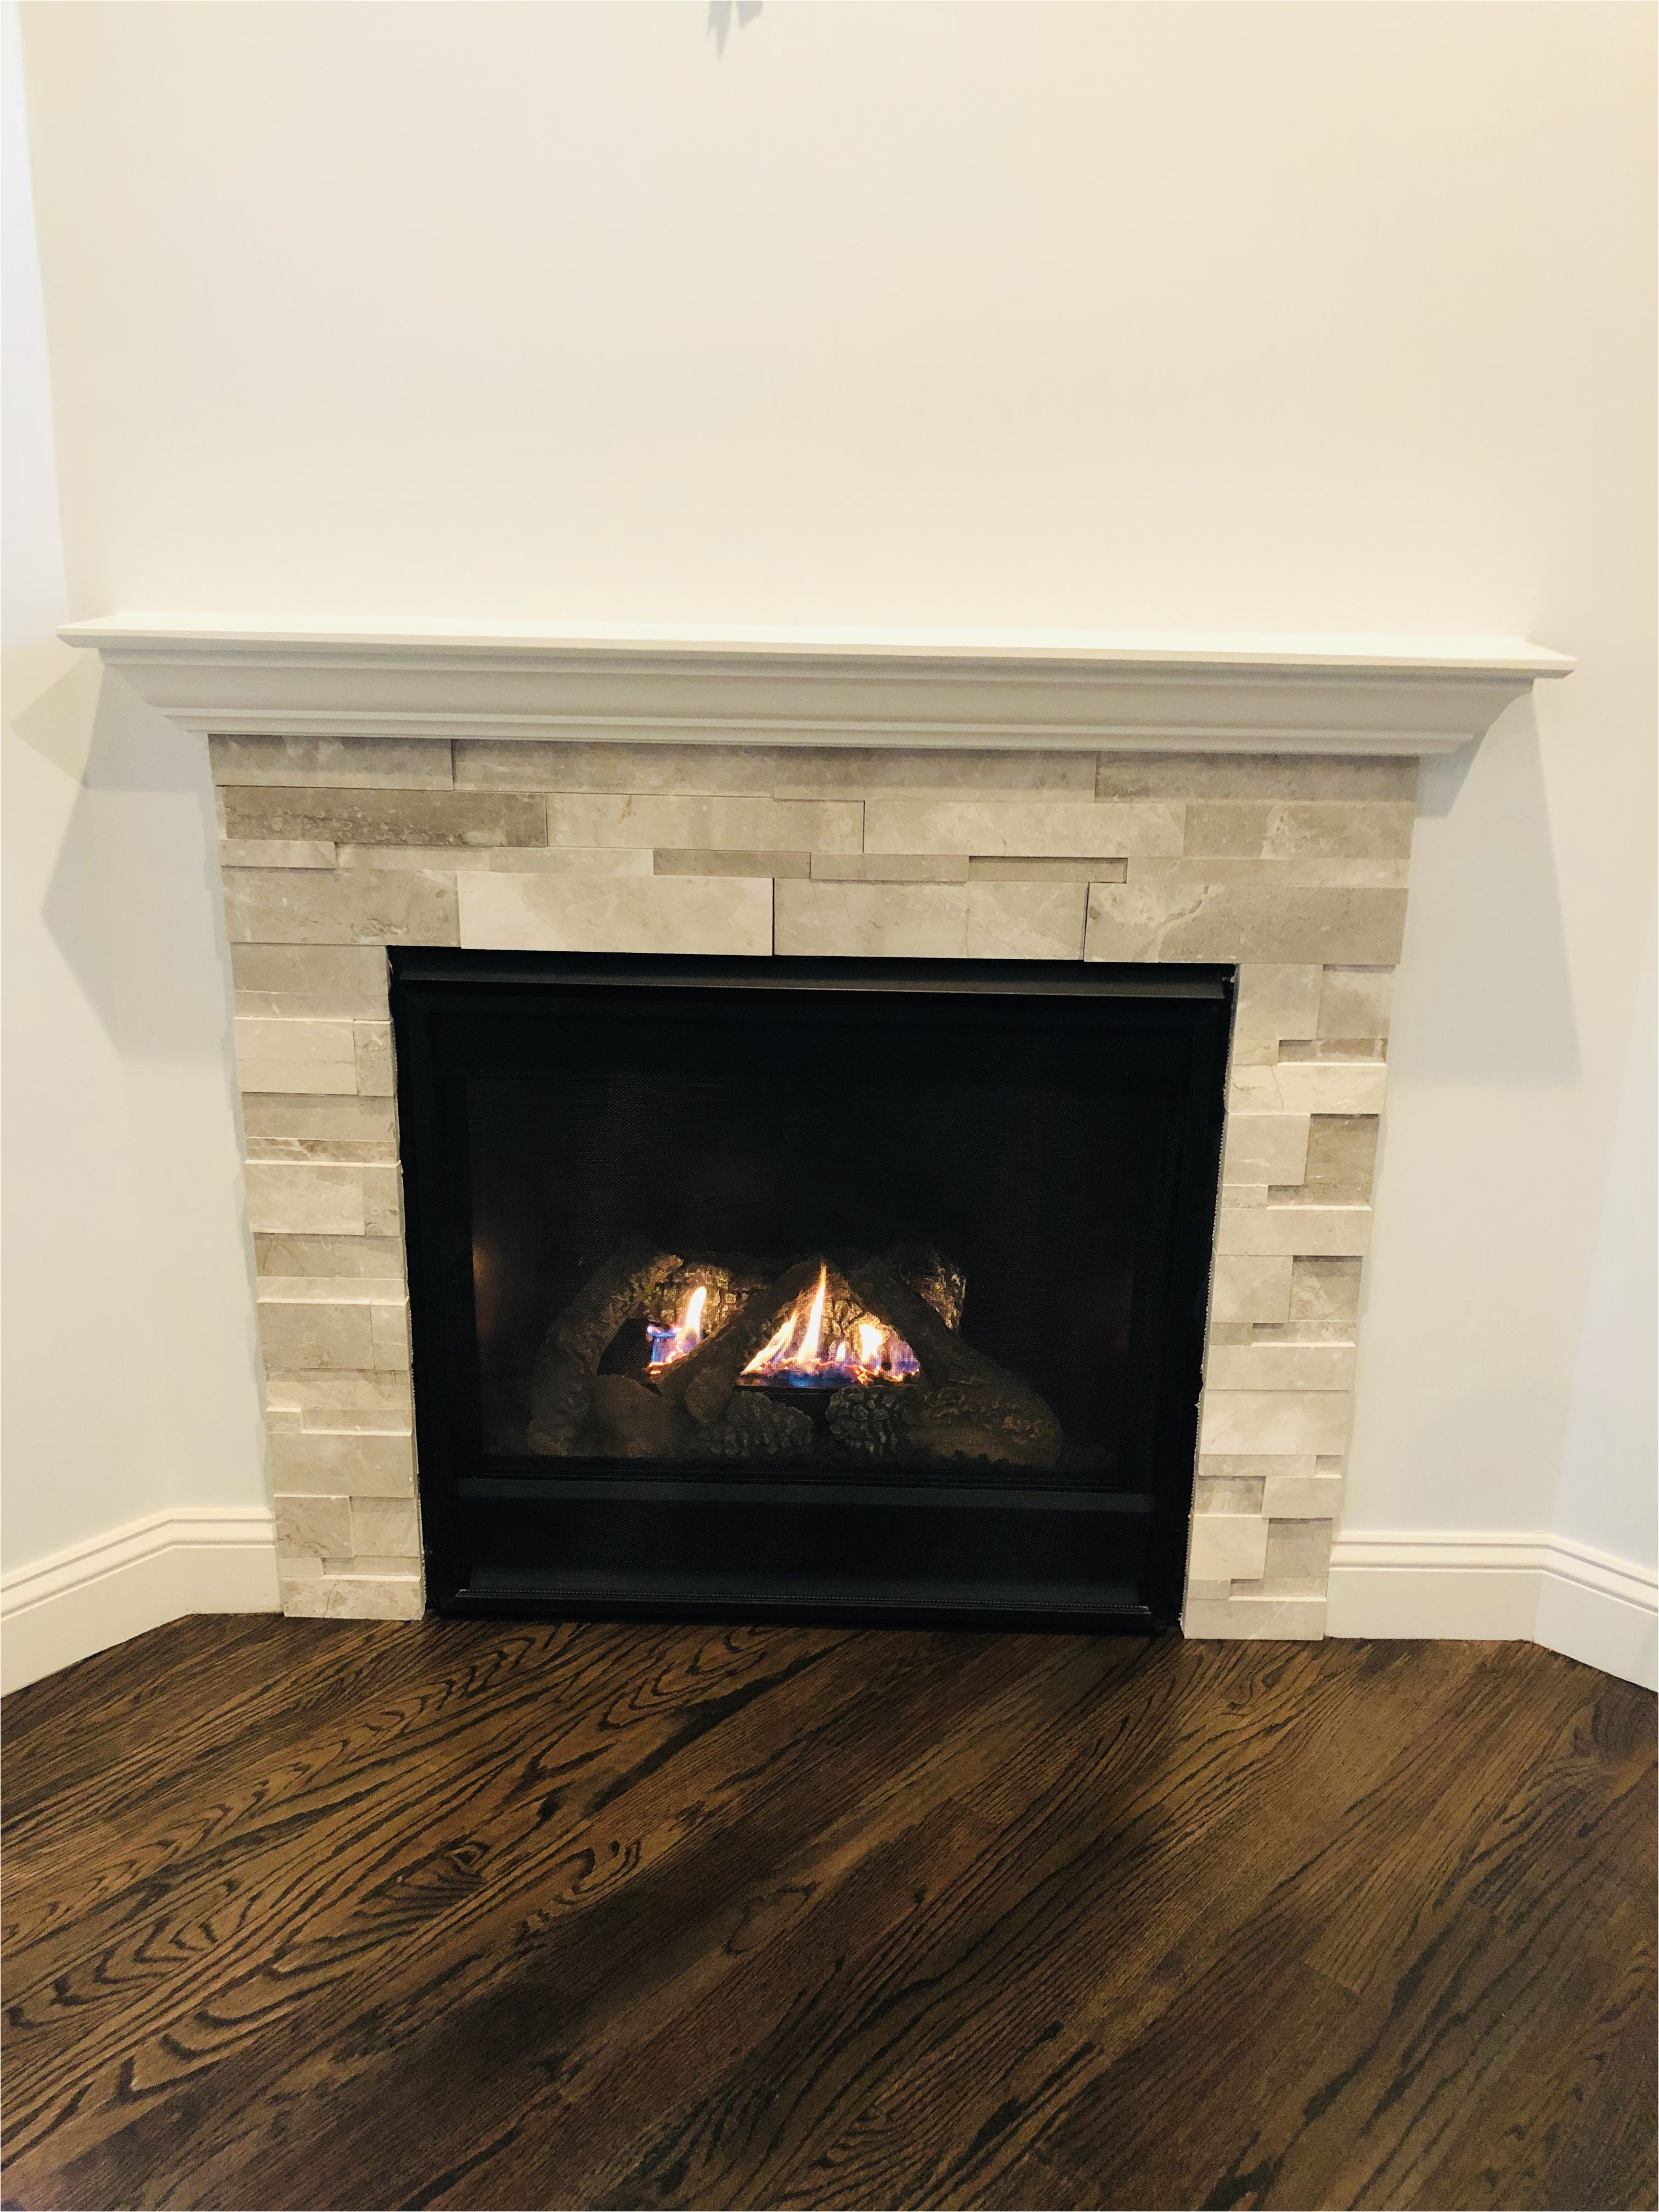 Appliance Stores Duluth Mn Heat N Glow Sl5 Heat N Glow Fireplaces Pinterest